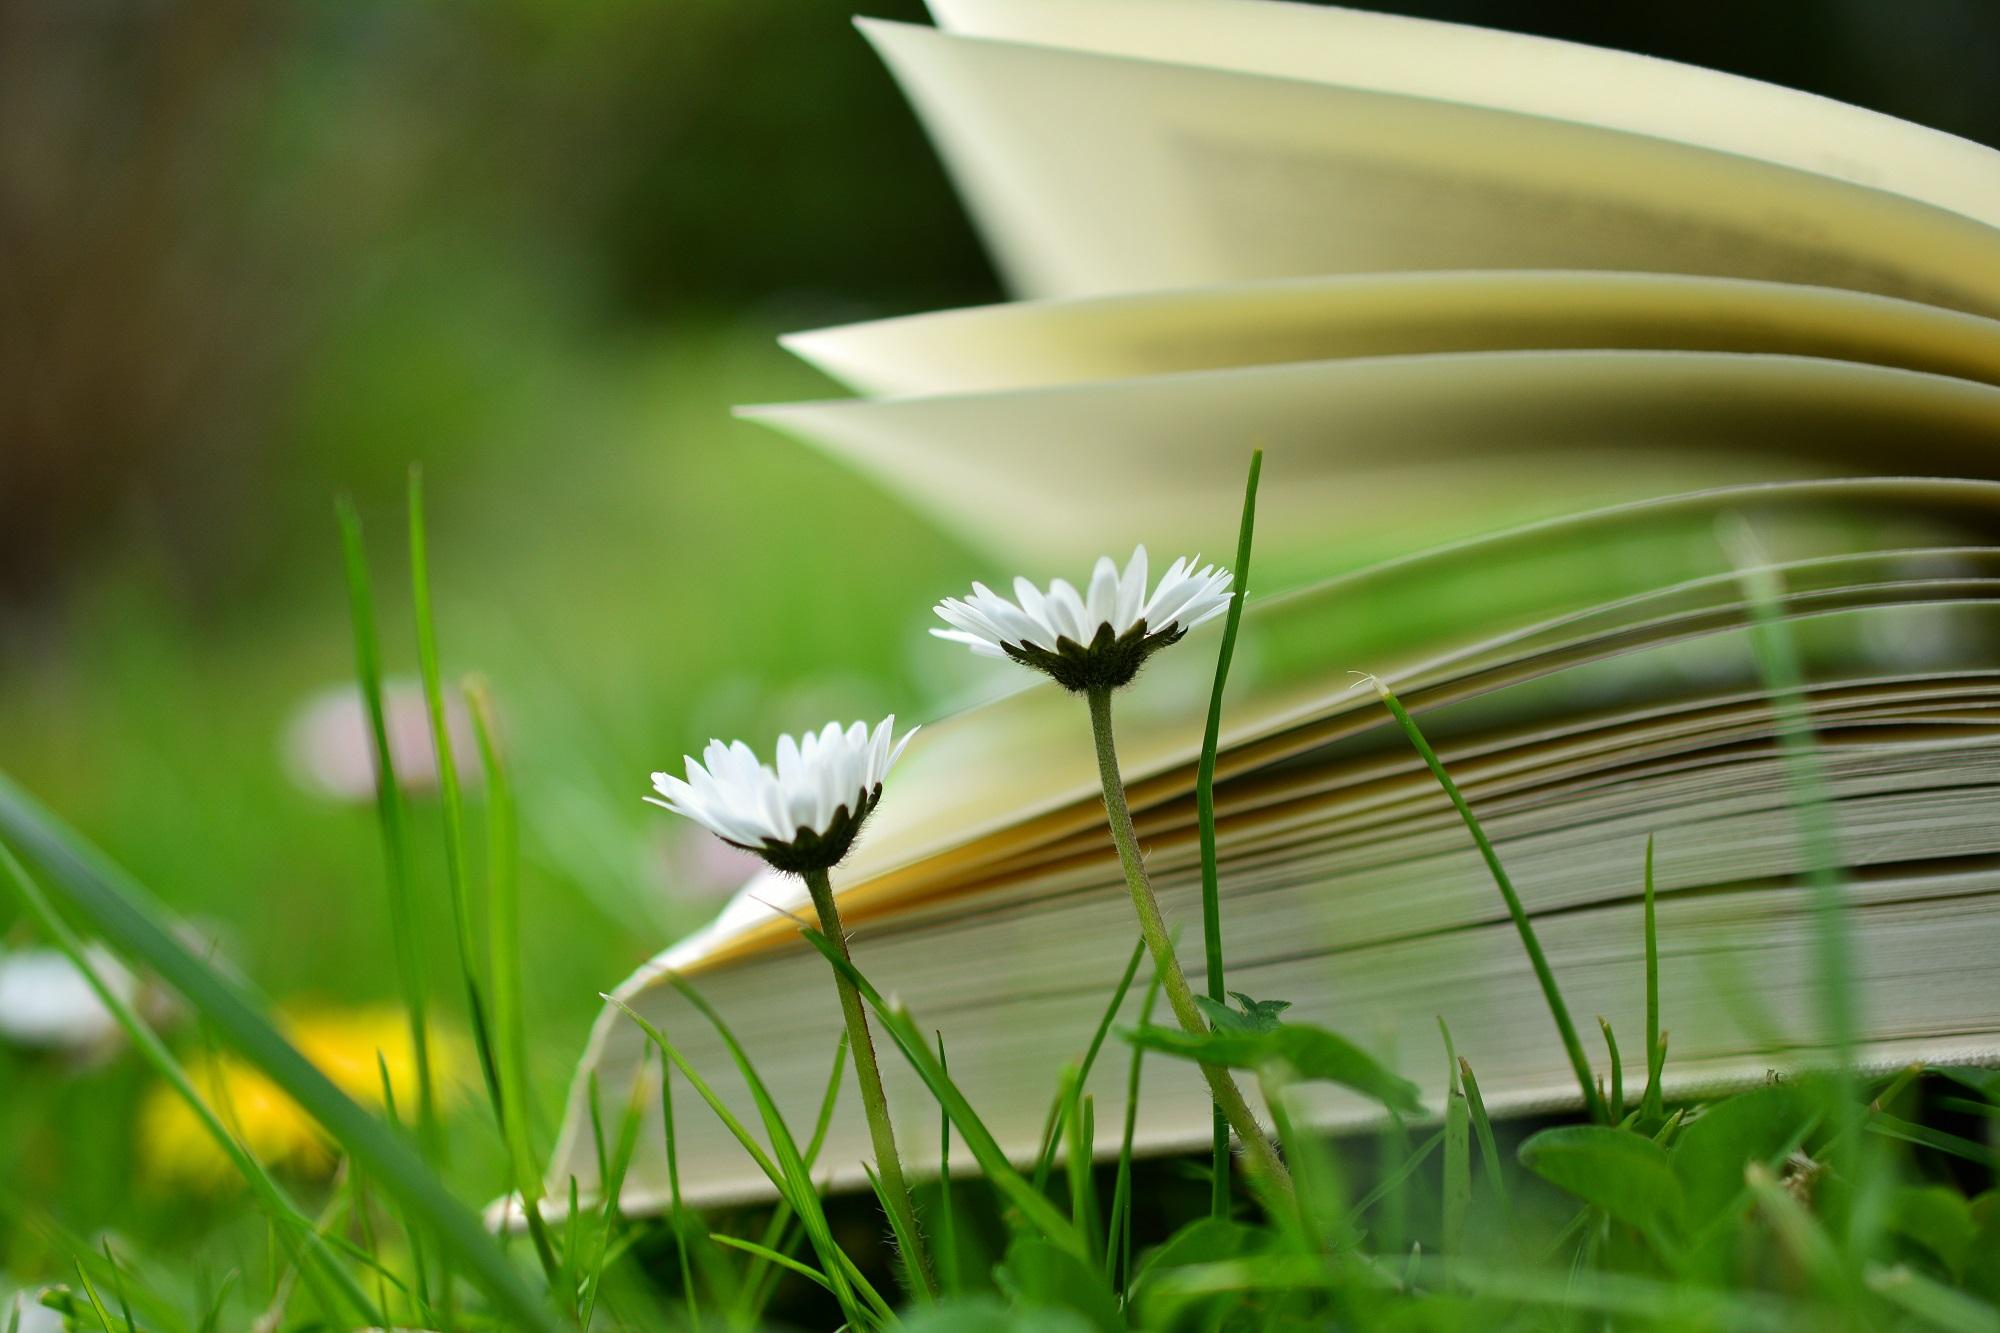 Zašto je dobro učiti u prirodi?